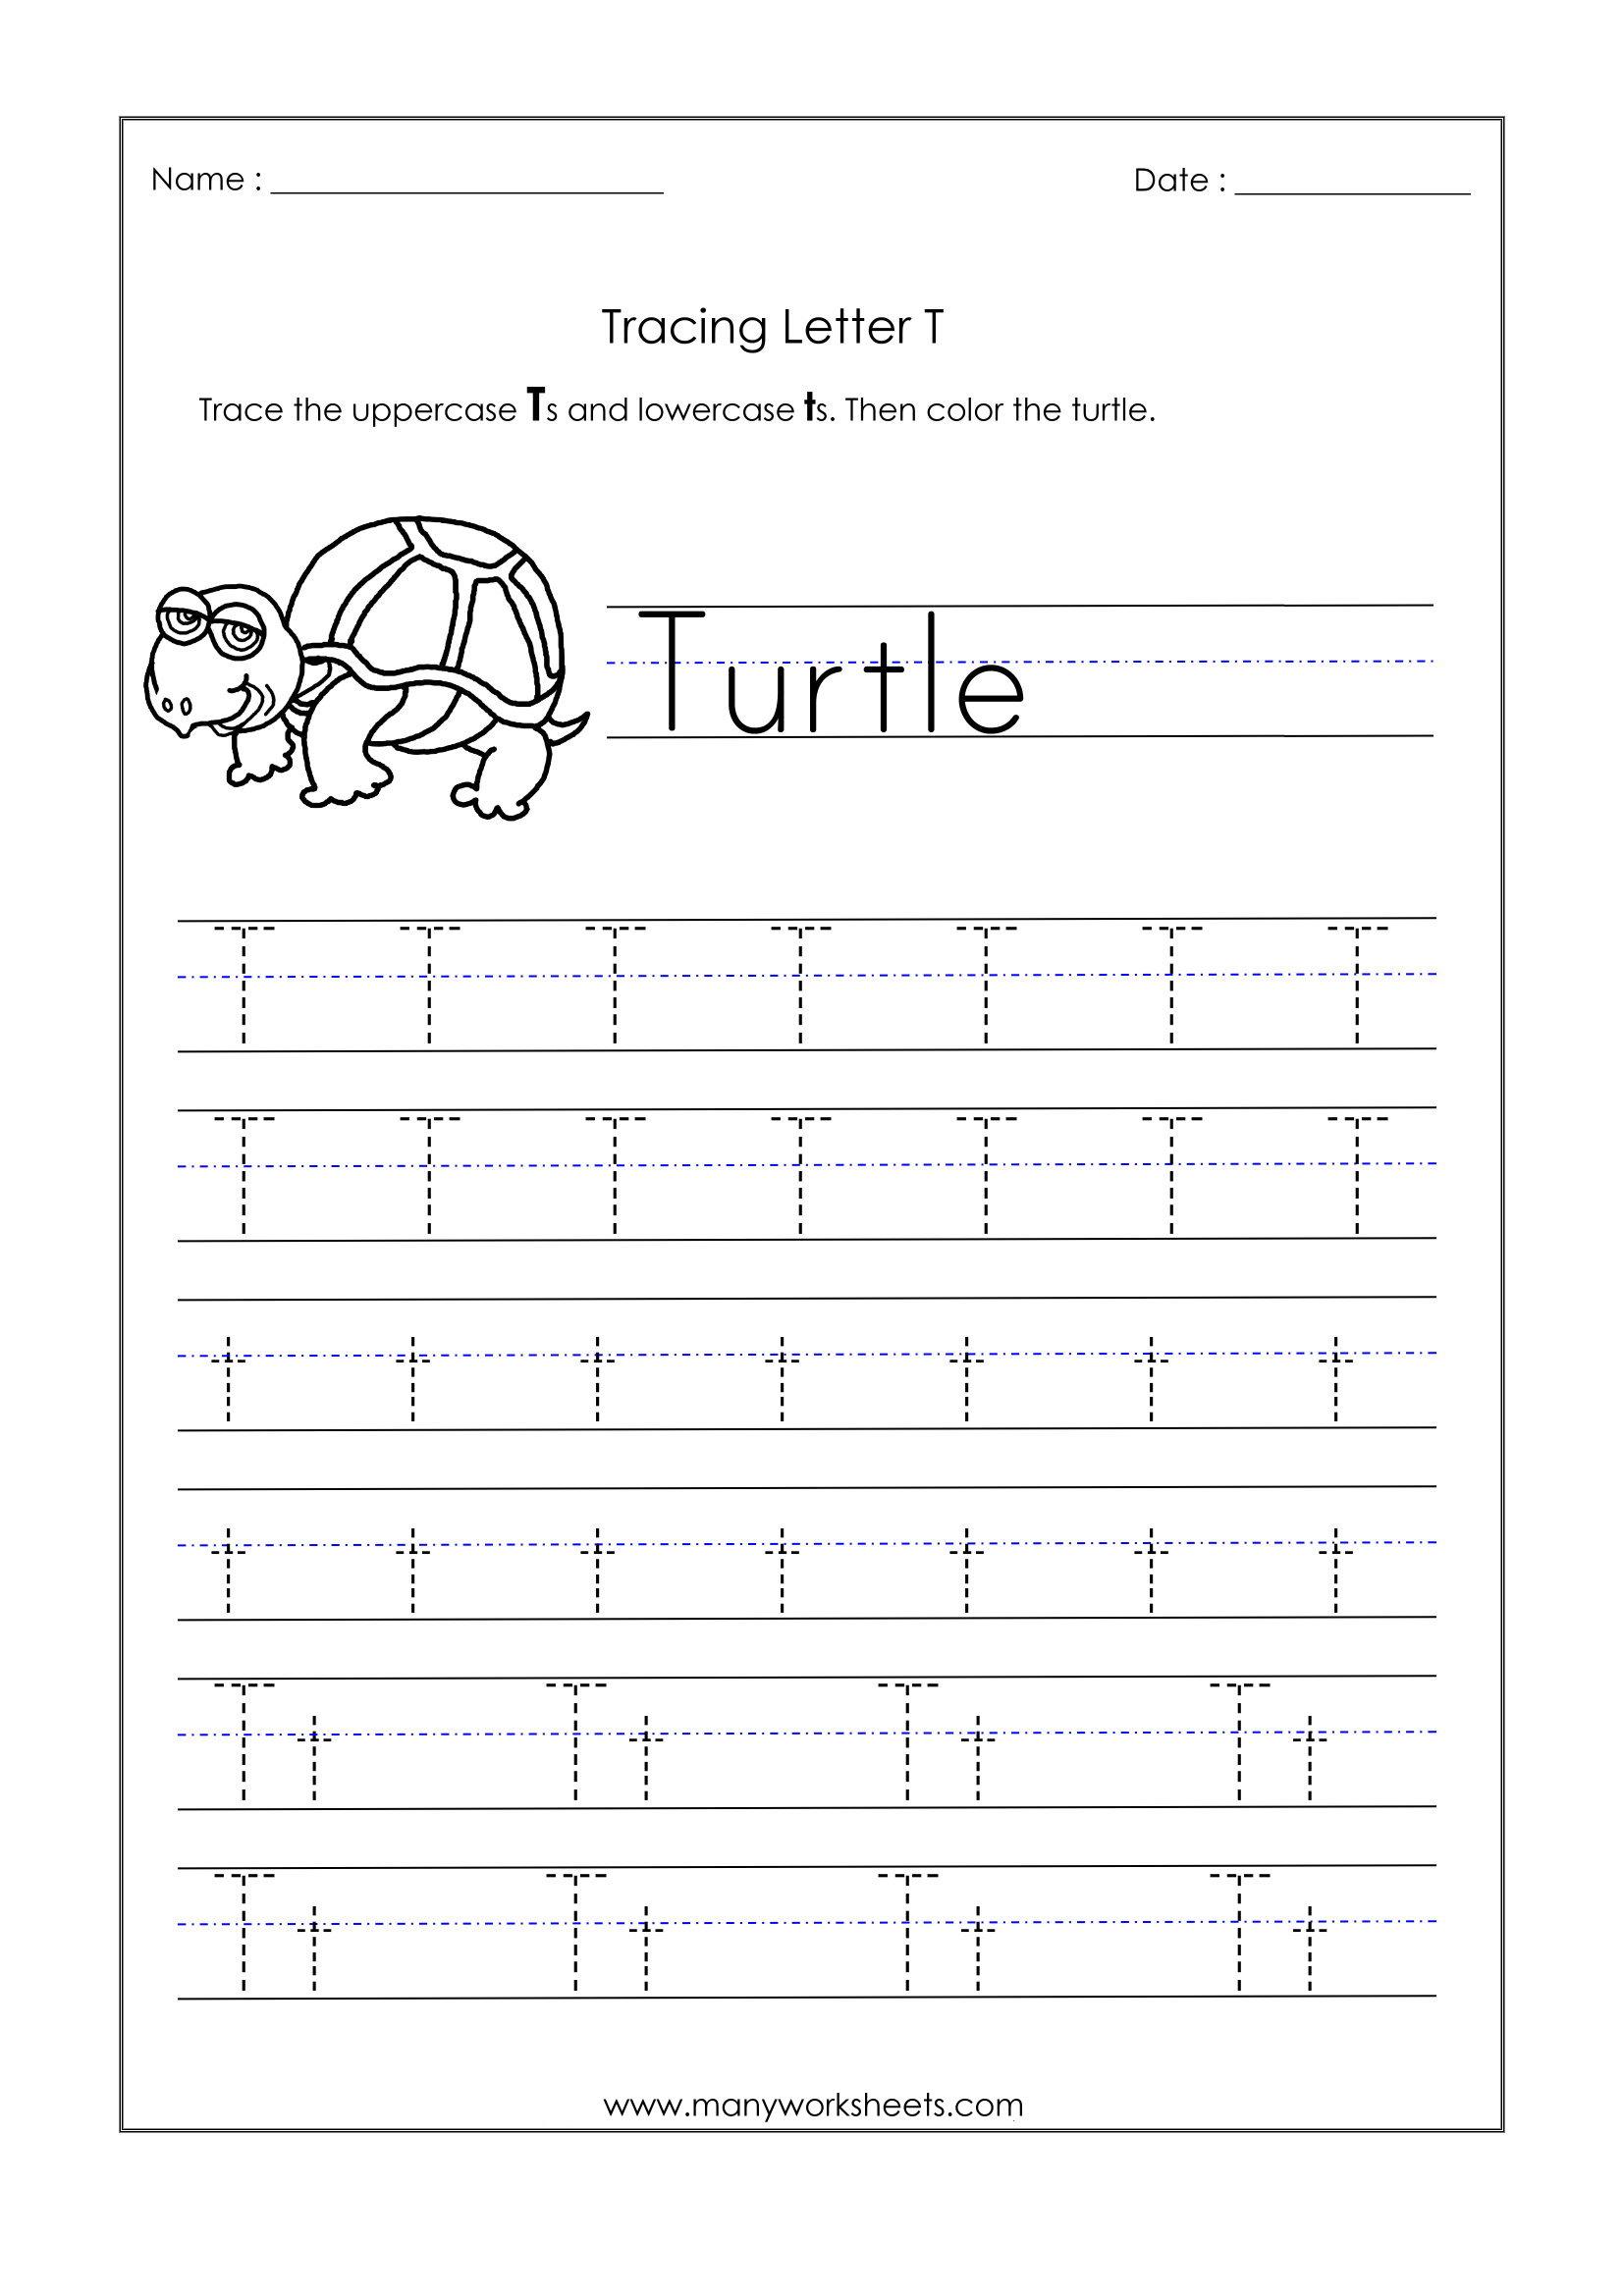 Letter T Worksheets For Kindergarten – Trace Dotted Letters regarding Letter T Worksheets For Toddlers